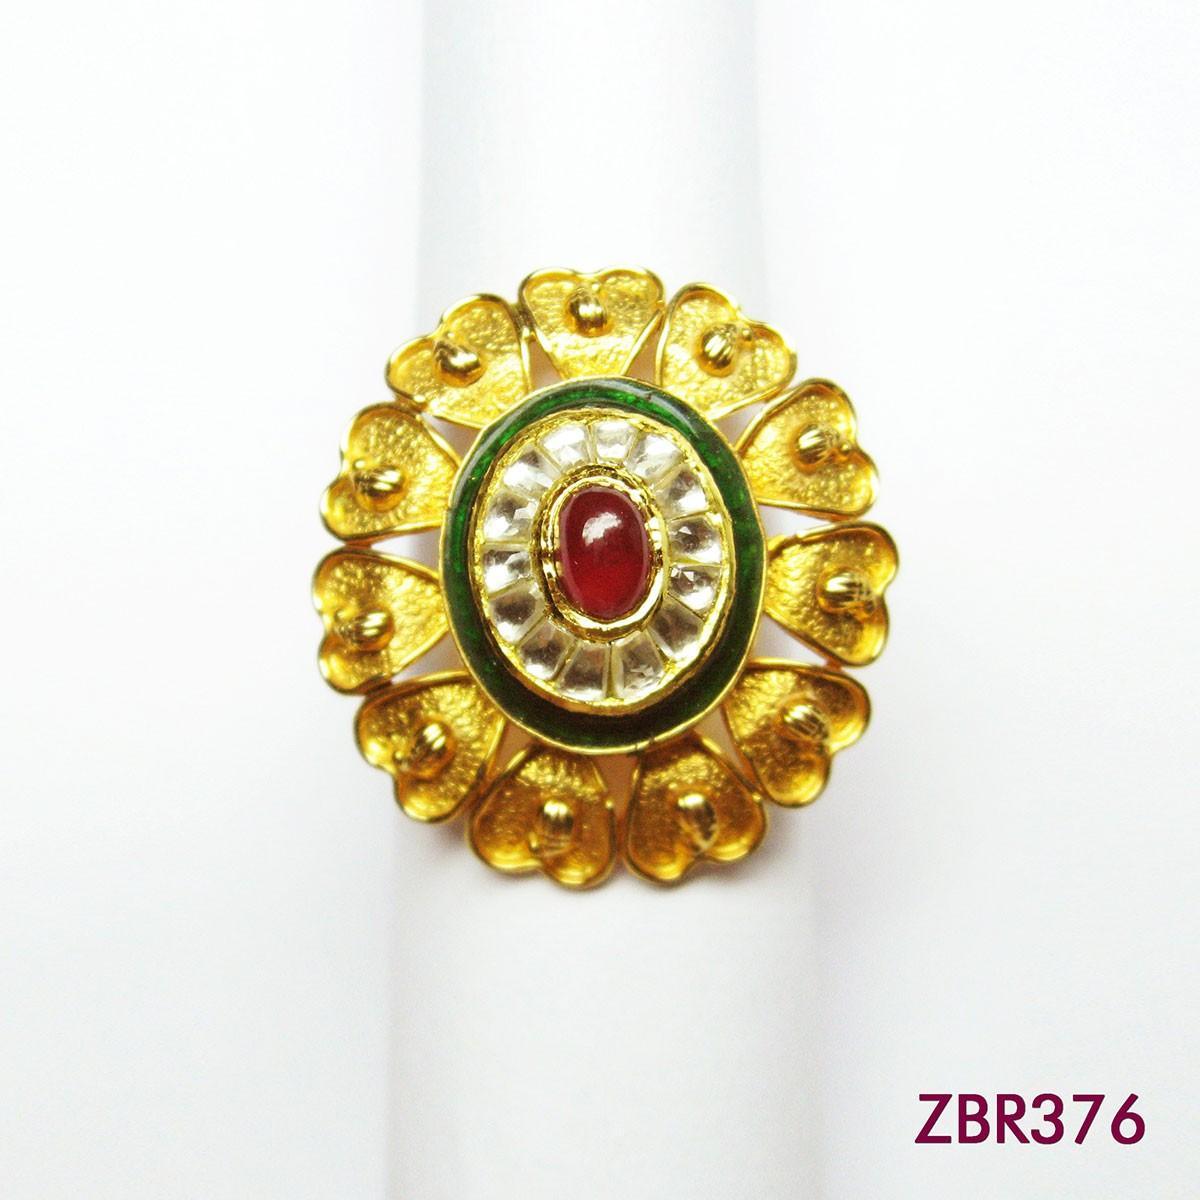 ZBR376